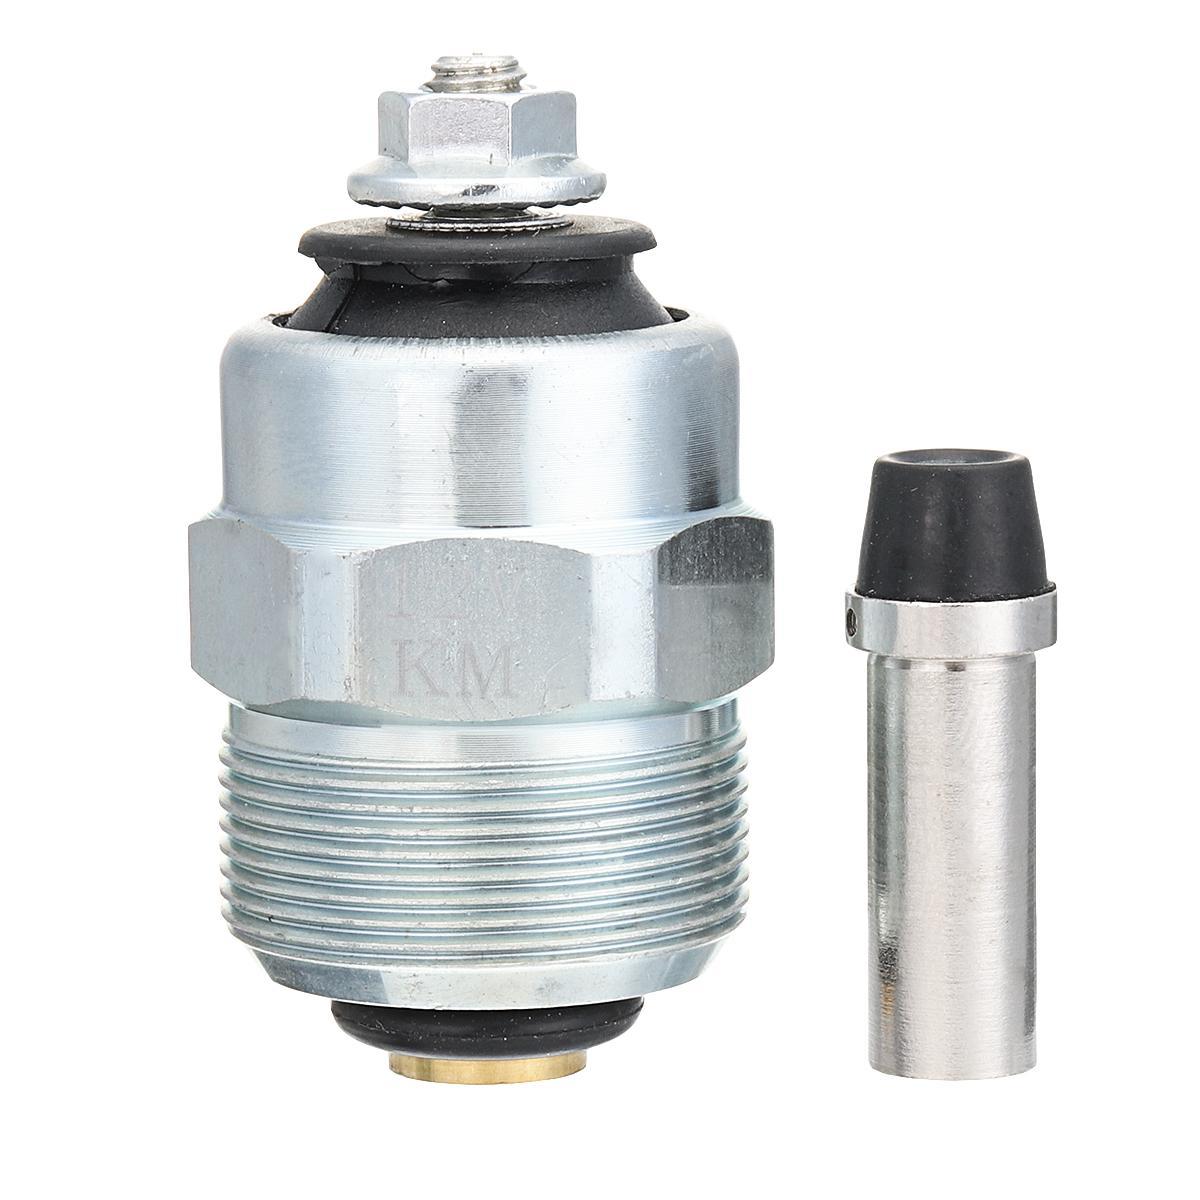 Kipor Kama Fuel Injection Pump for KDE6700T KDE6700TA KDE6700 Diesel Generator